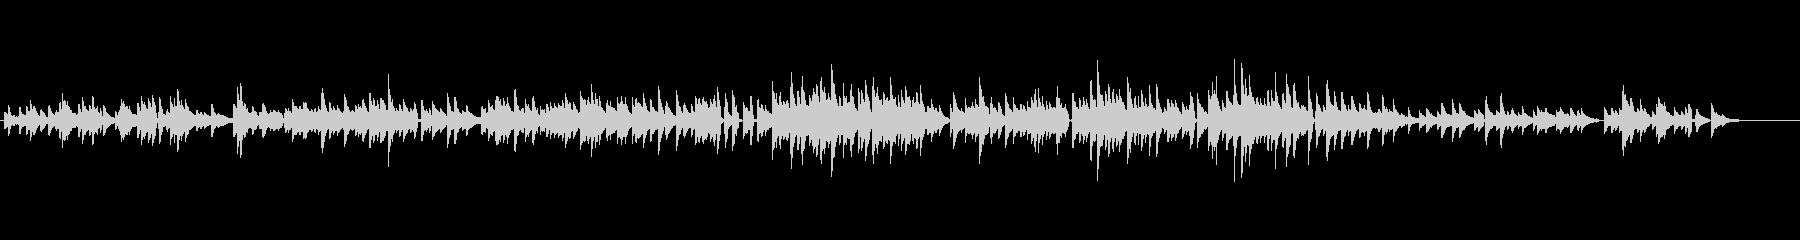 生ピアノソロ・ゆったりしたボサノバの未再生の波形